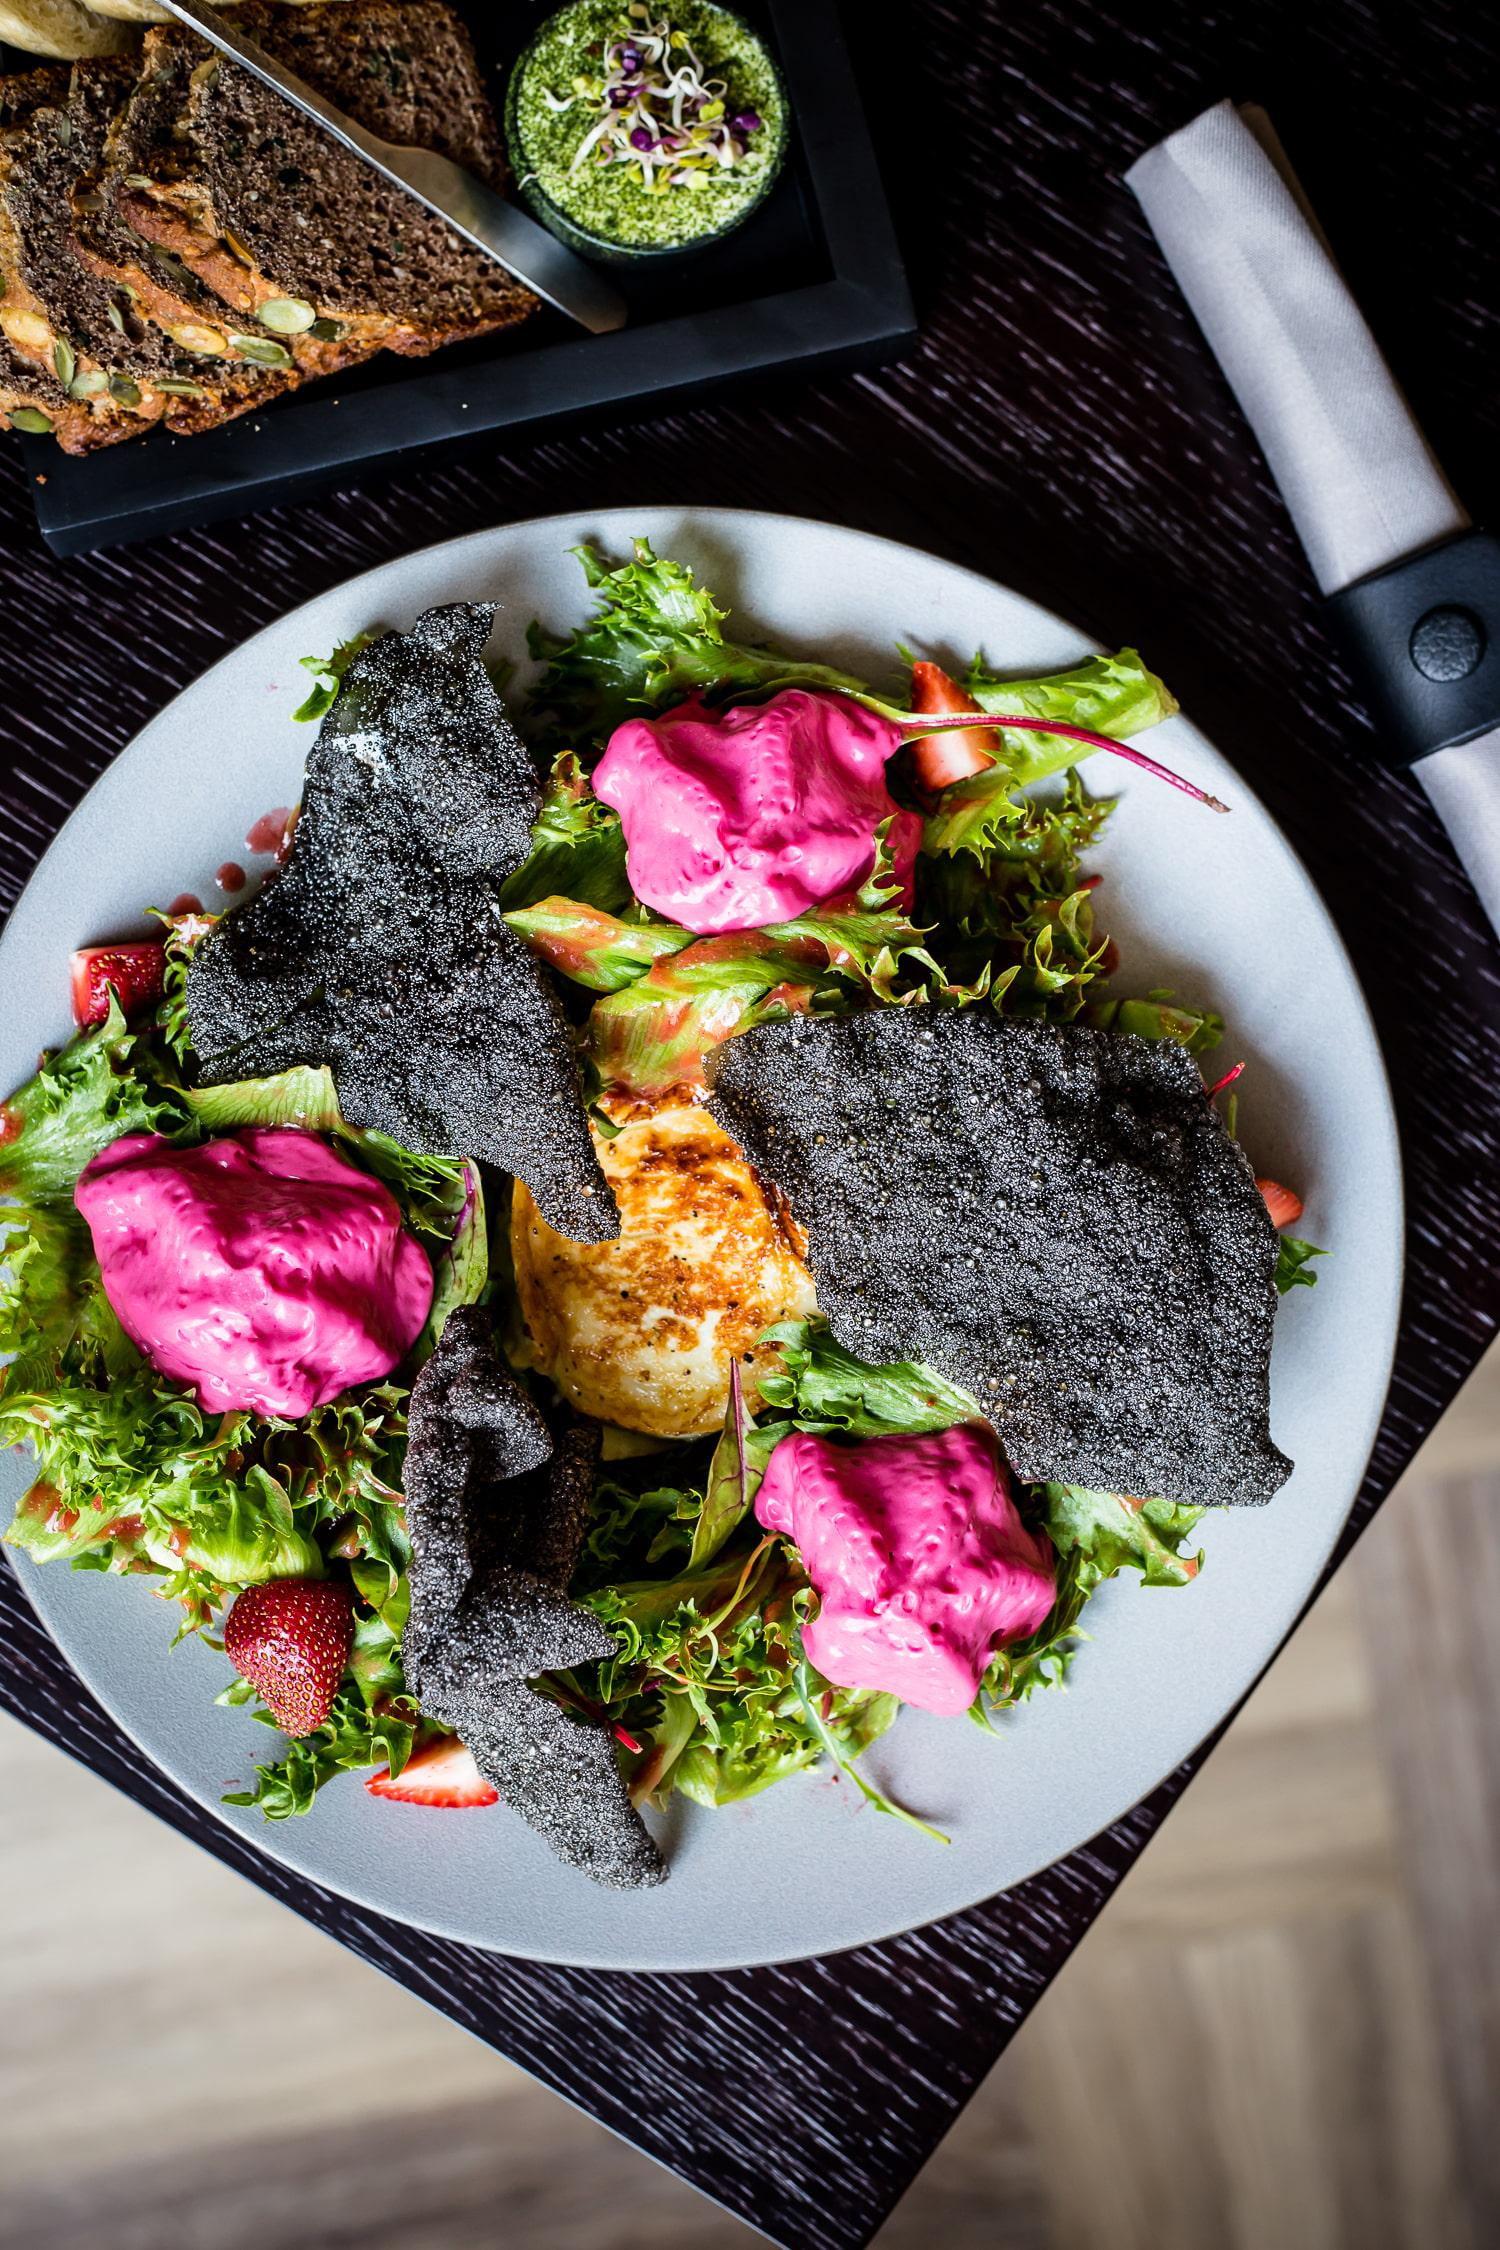 Kitsejuust - Must riisikrõps, salat, maasika-peedivaht, maasikakaste